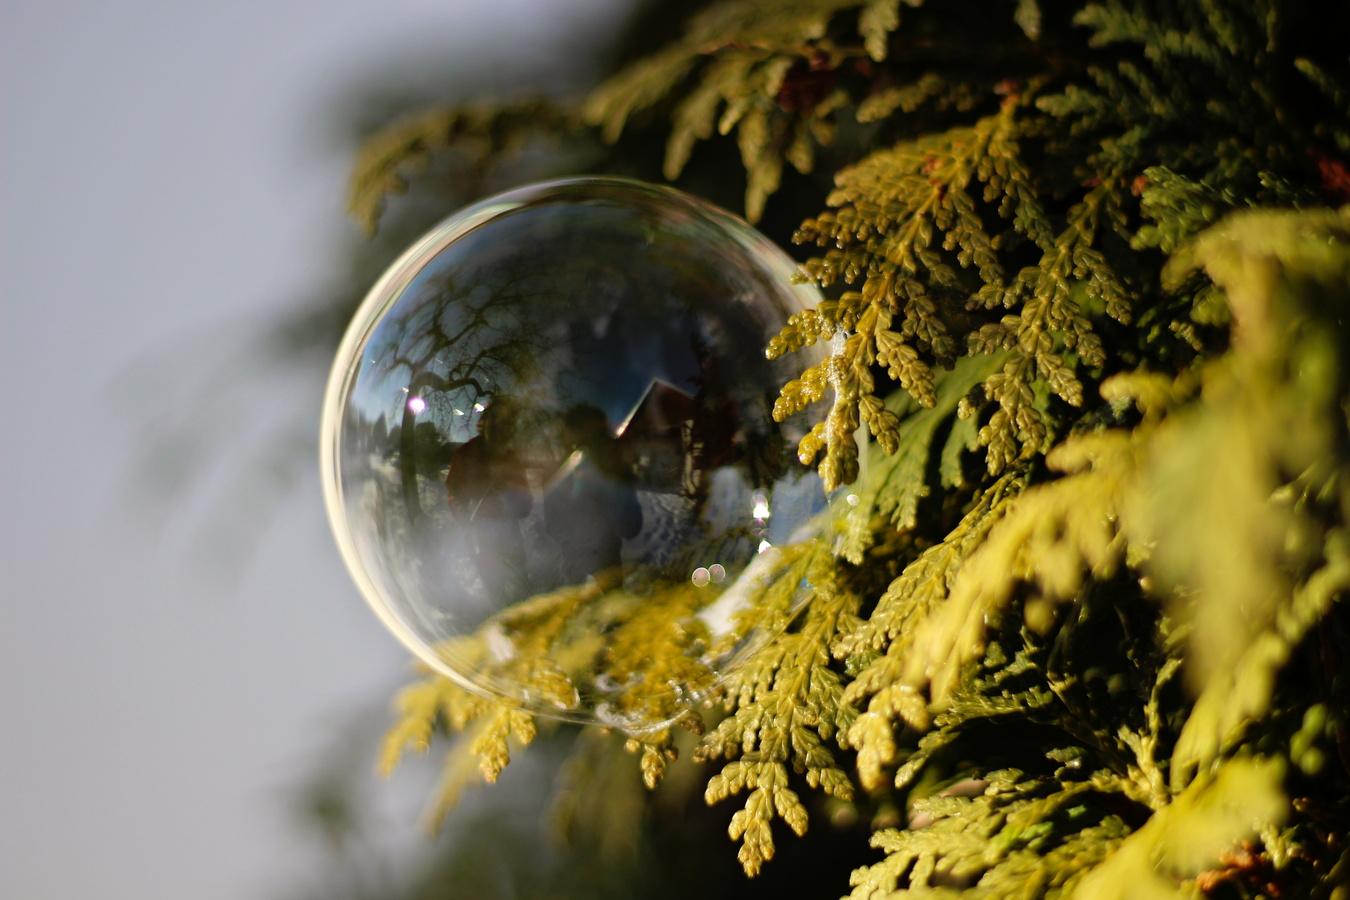 Bublino, kdo se v tobě odráží?